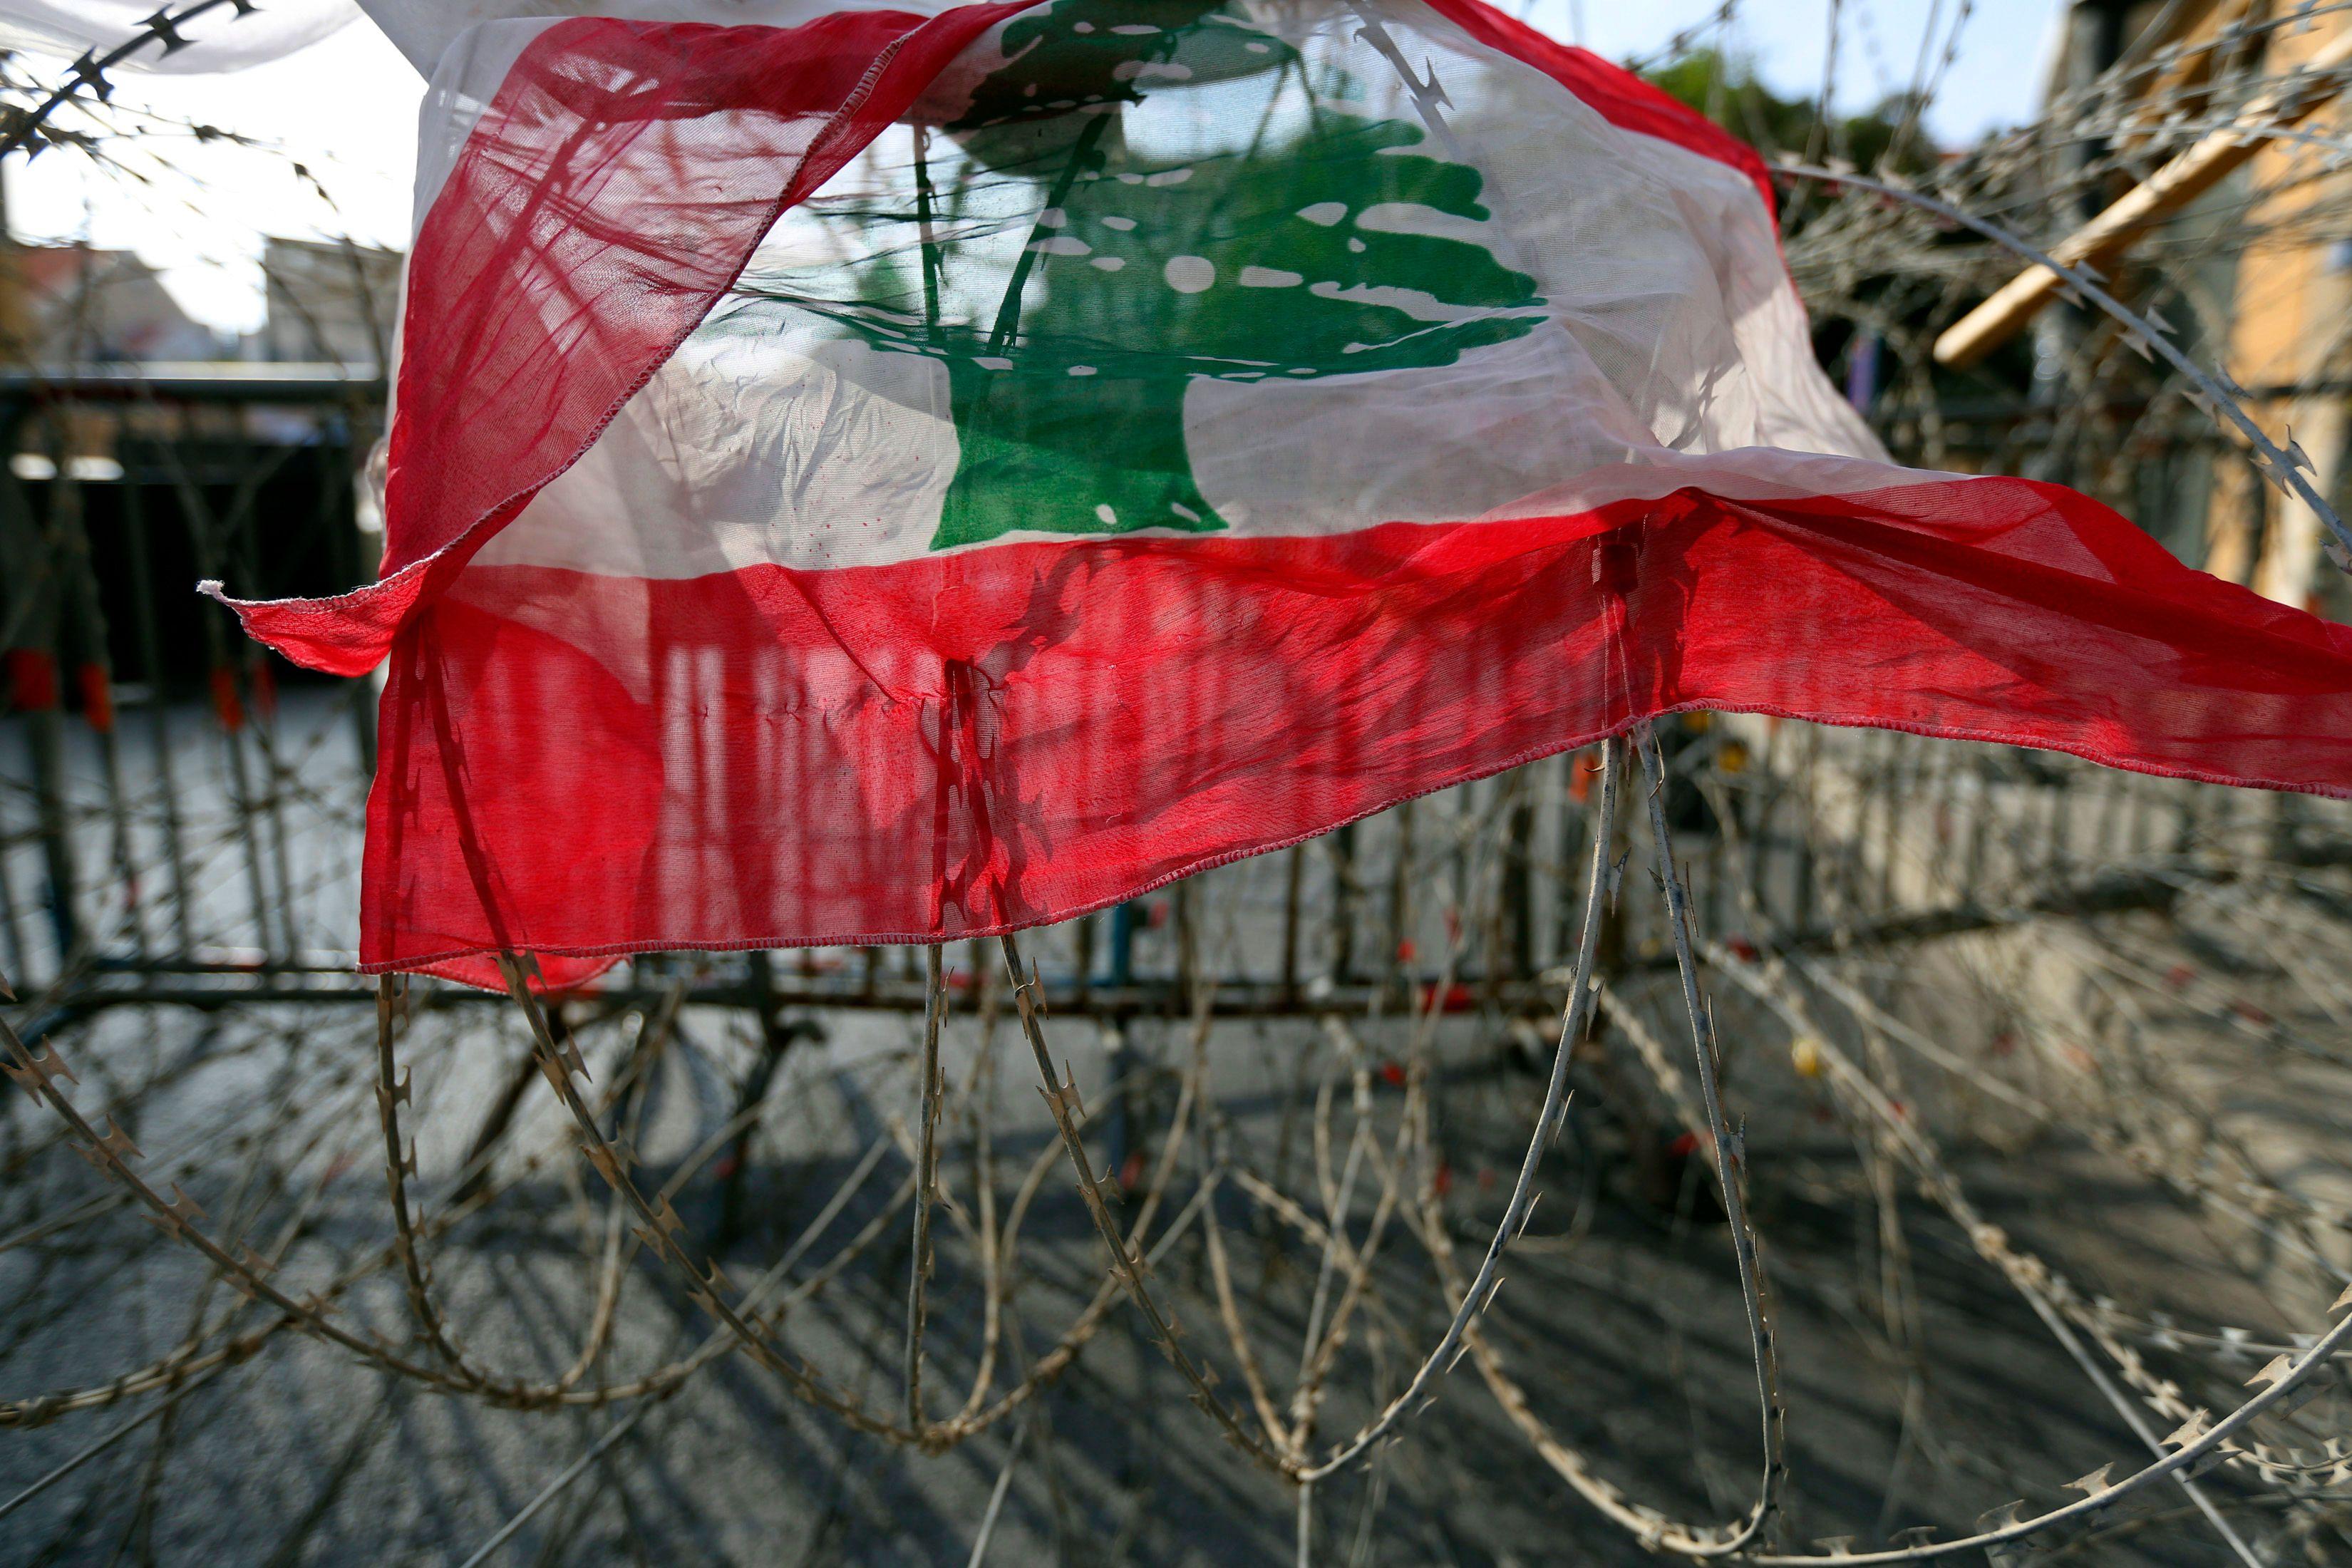 Liban : l'ami qui souffre, le pays qui risque, le voisin qui peut sombrer